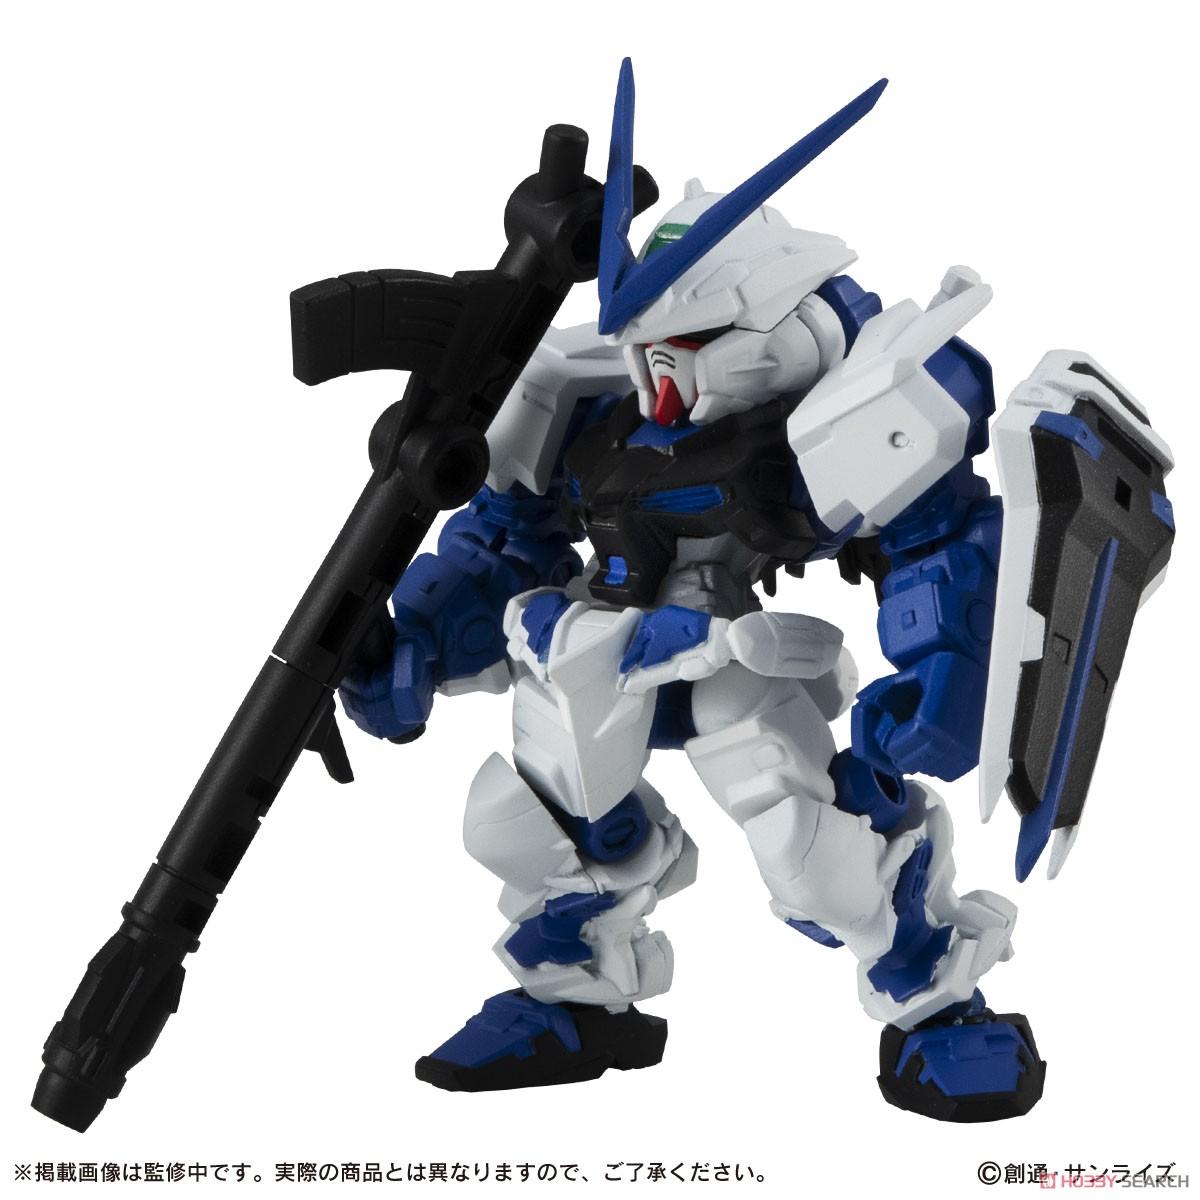 機動戦士ガンダム『MOBILE SUIT ENSEMBLE19』デフォルメ可動フィギュア 10個入りBOX-002